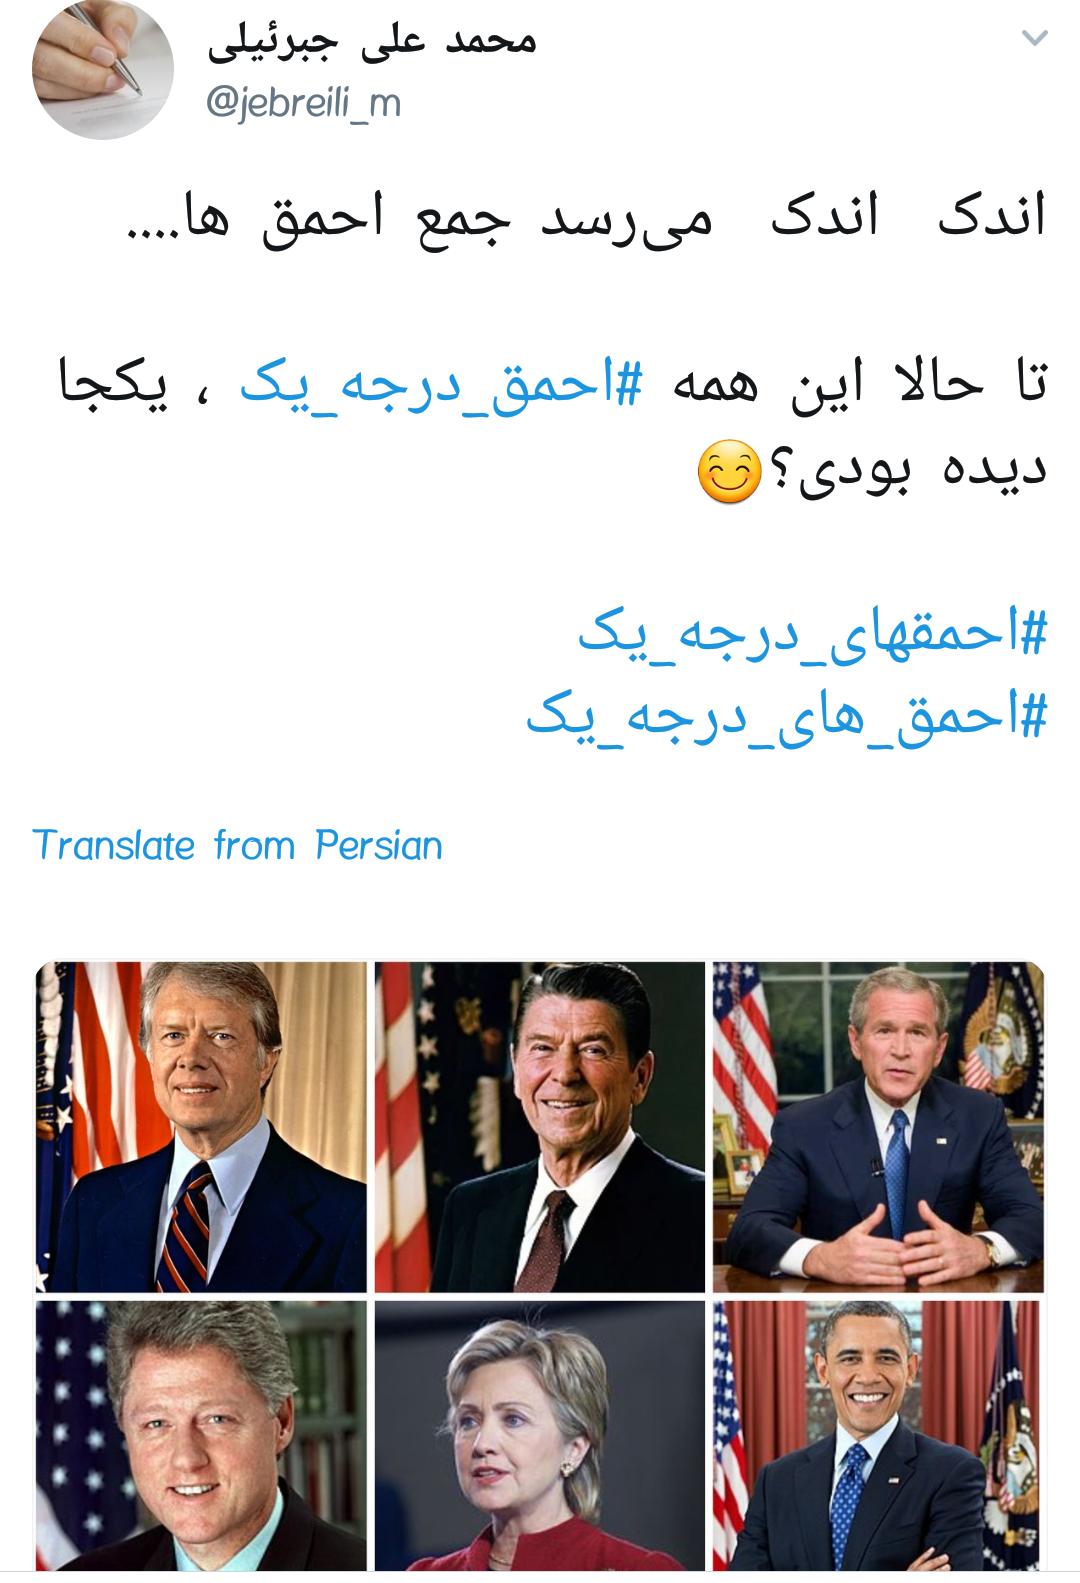 #احمق_های_درجه_یک | واکنش کاربران فضای مجازی به سخنان اخیر رهبر انقلاب